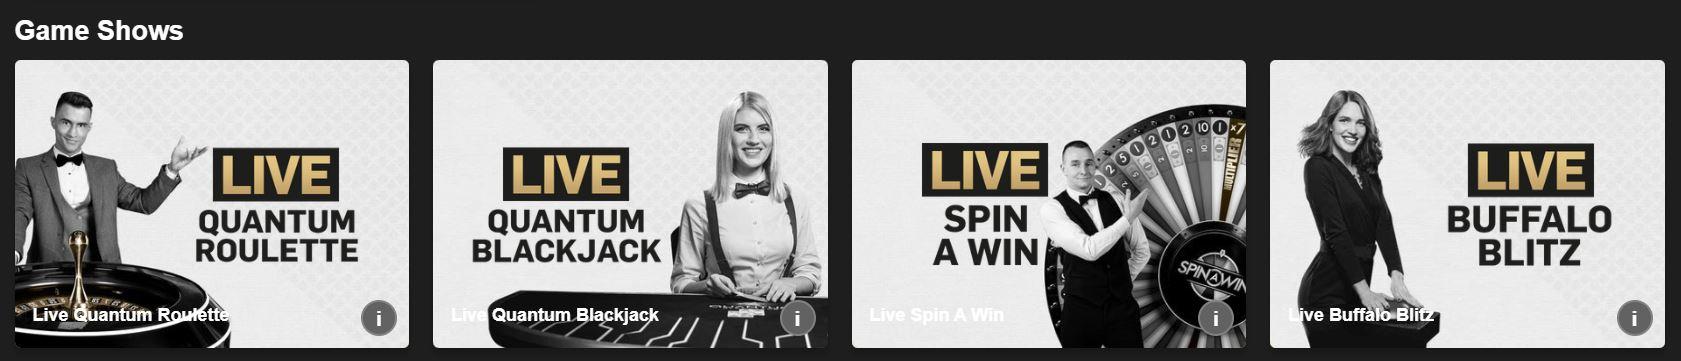 Tienes varios tipos de juegos en los virtual casino.